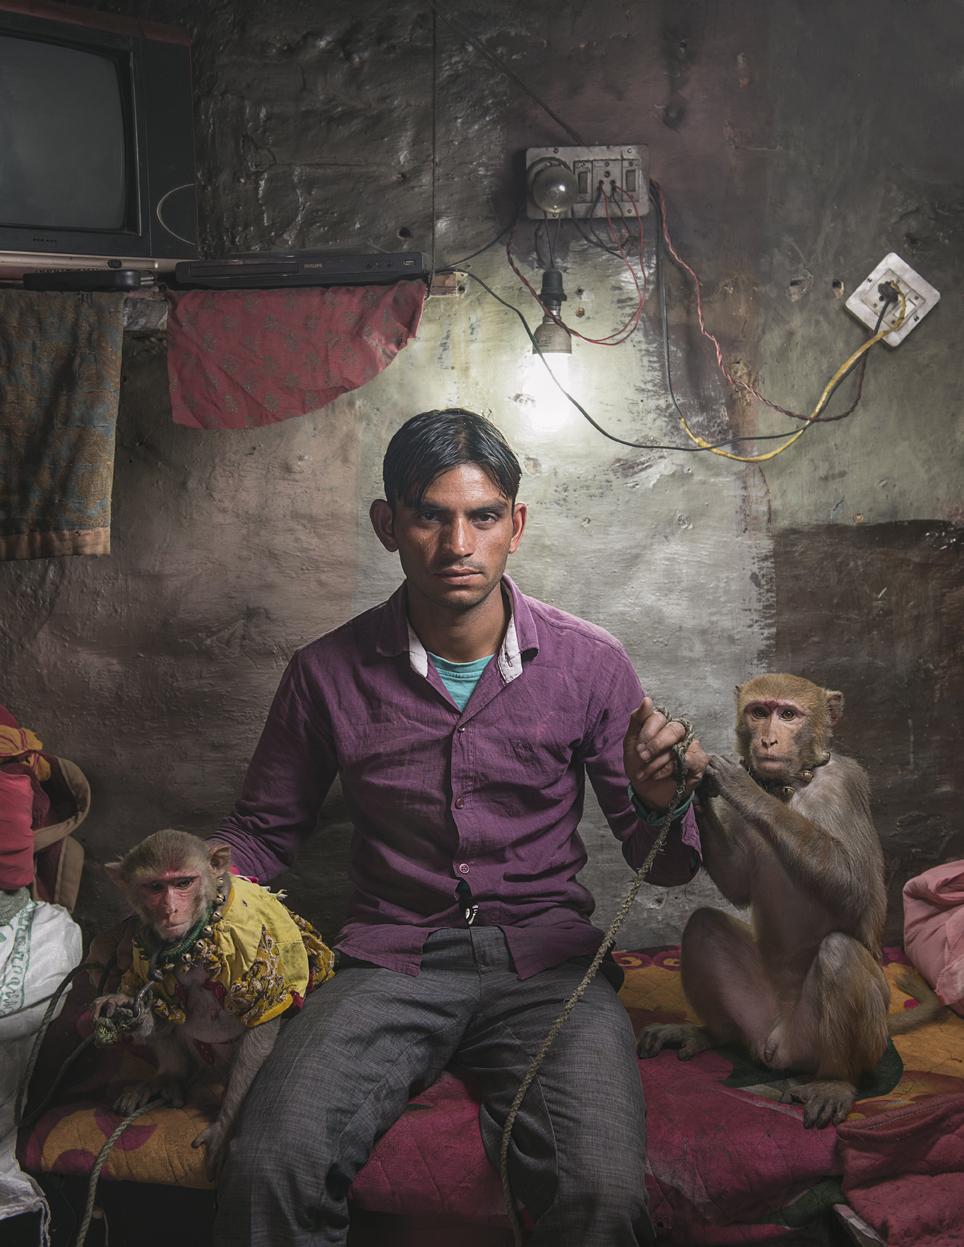 2014-08-29-ChattaKhan45MonkeyTamer.jpg